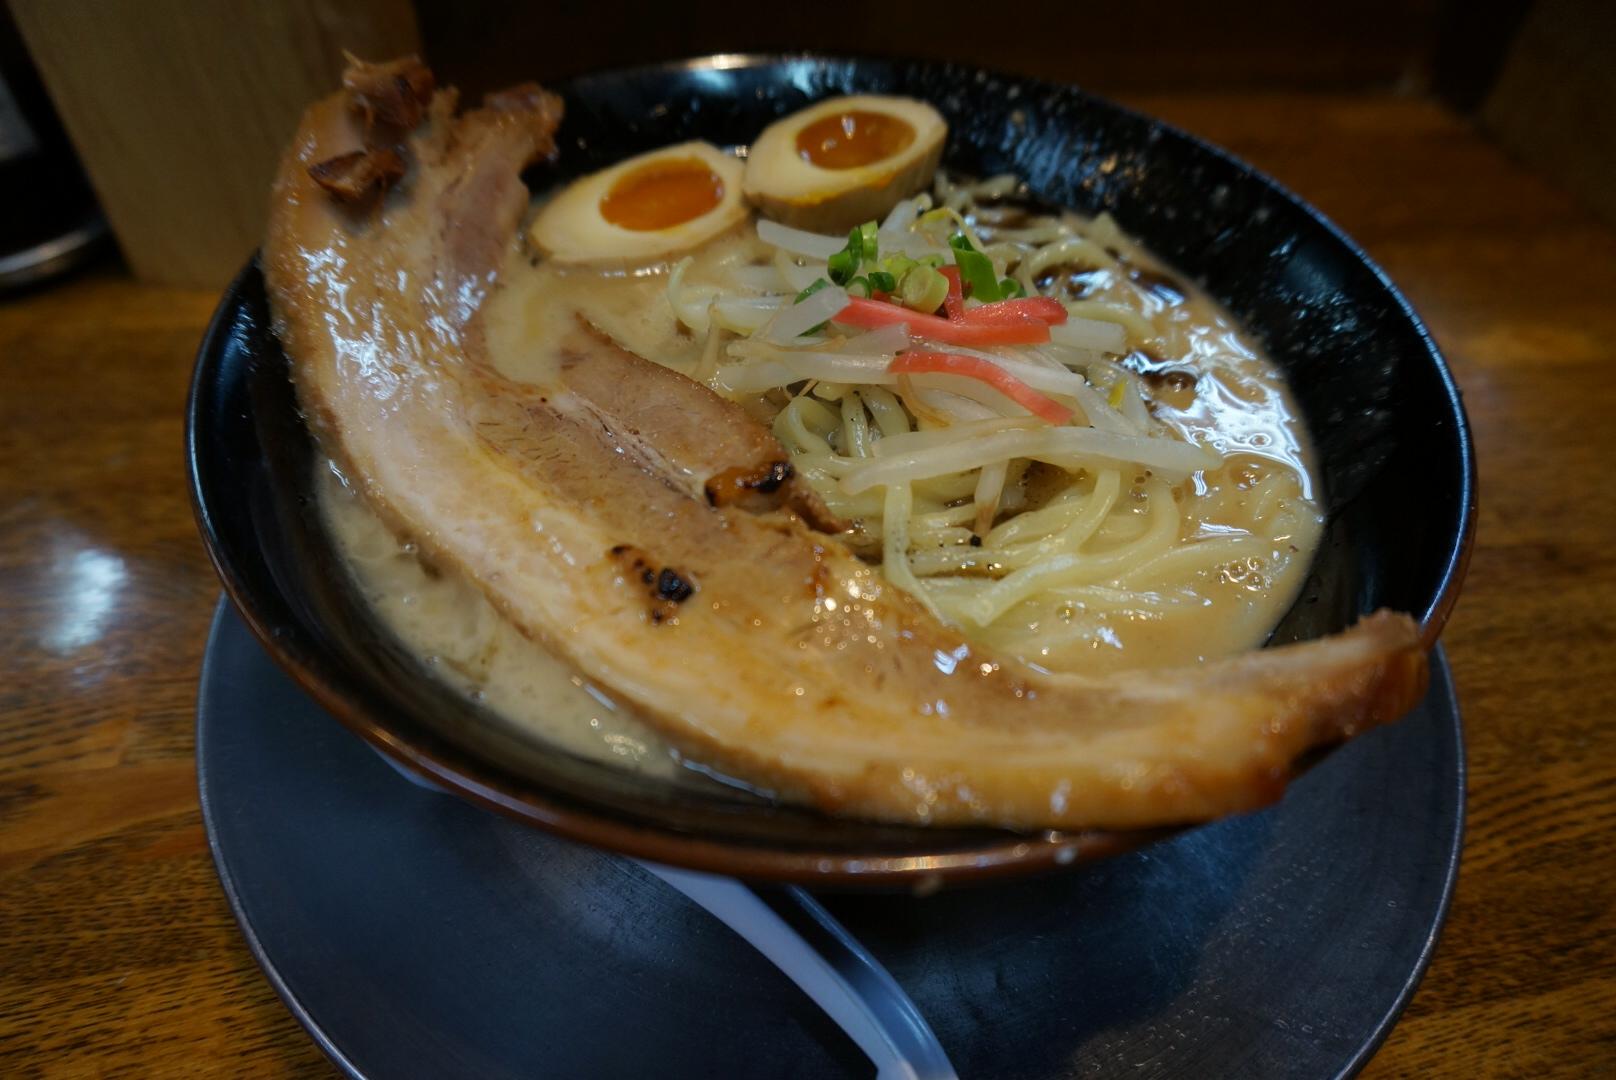 まるでシチューのような濃厚スープ!「ラーメン・猪や」で黒とんking(新潟市中央区)